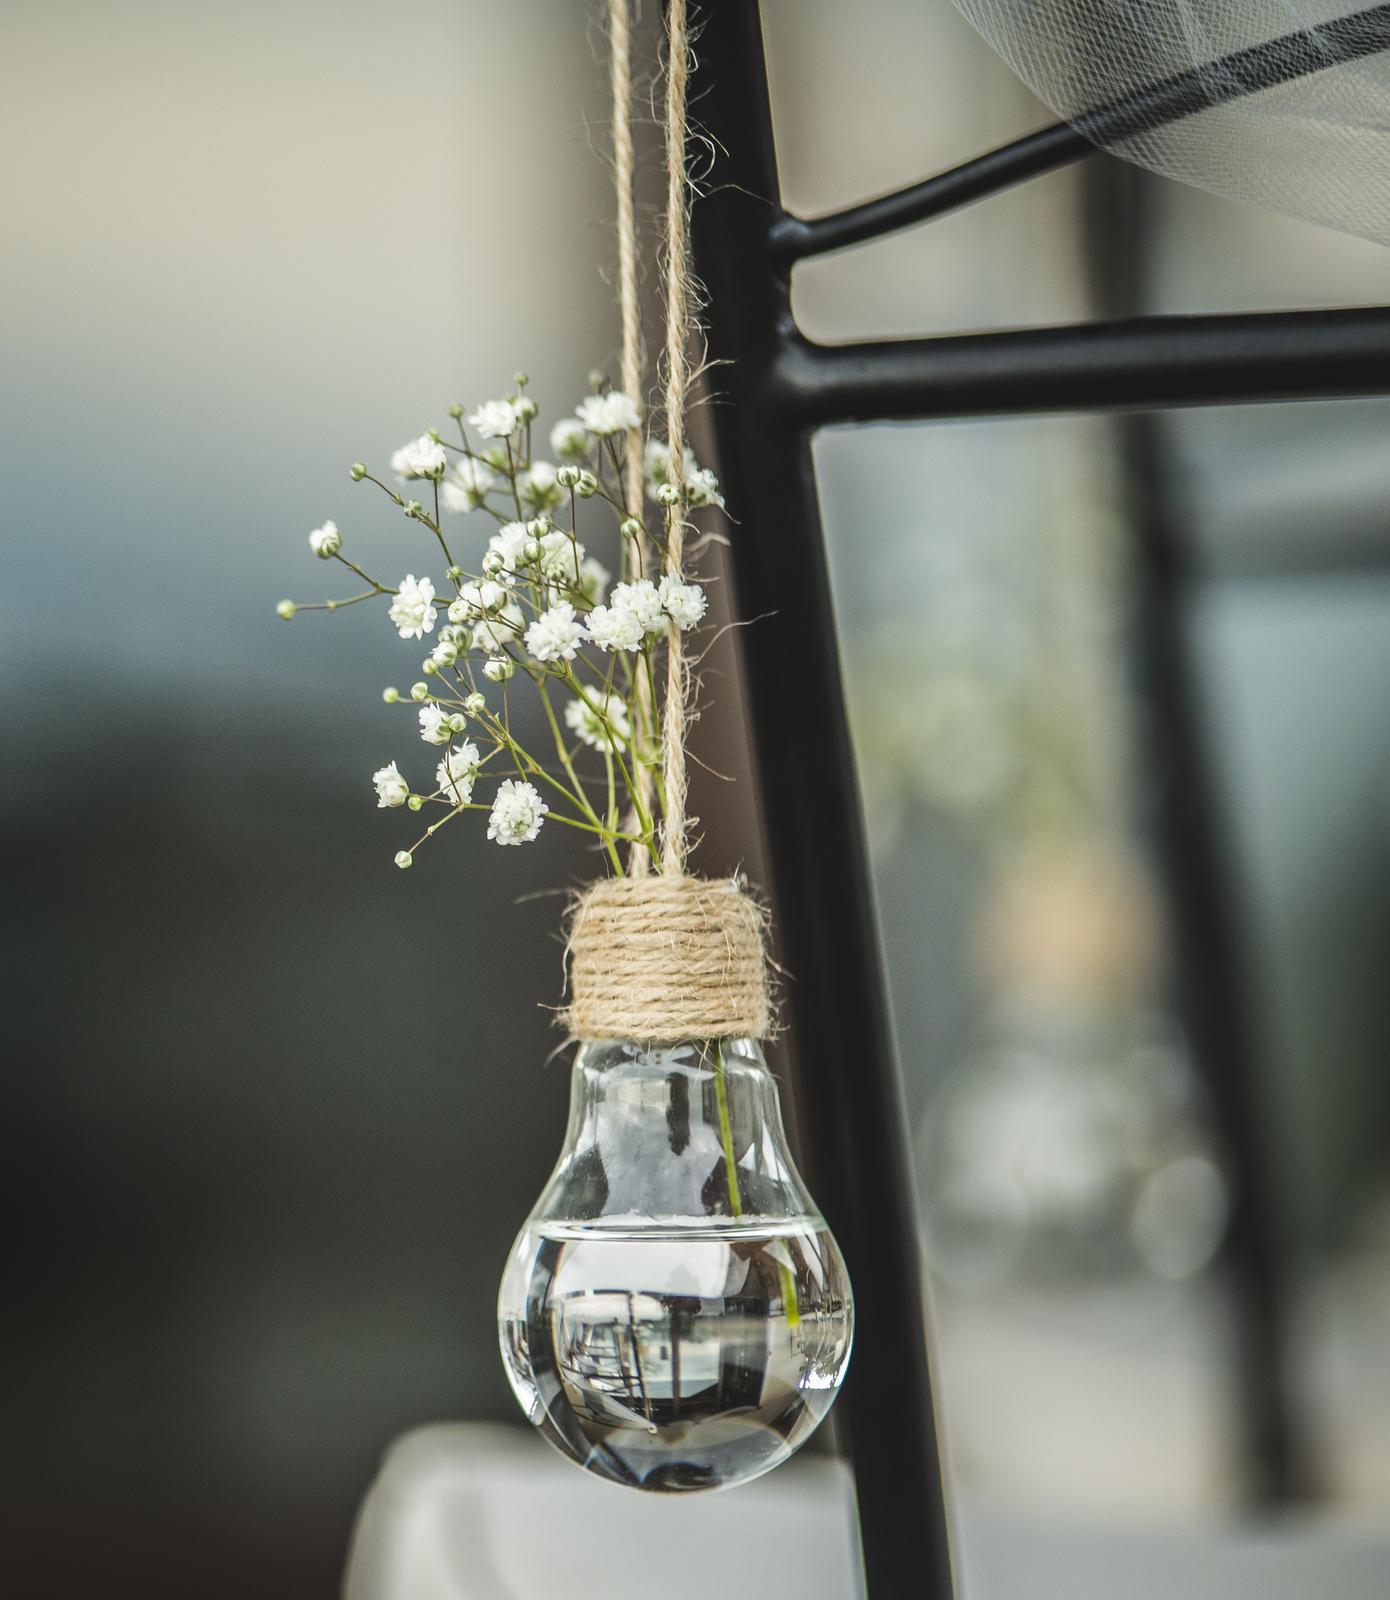 Vázičky s jutou rustikální venkovský styl, váza - Obrázek č. 1